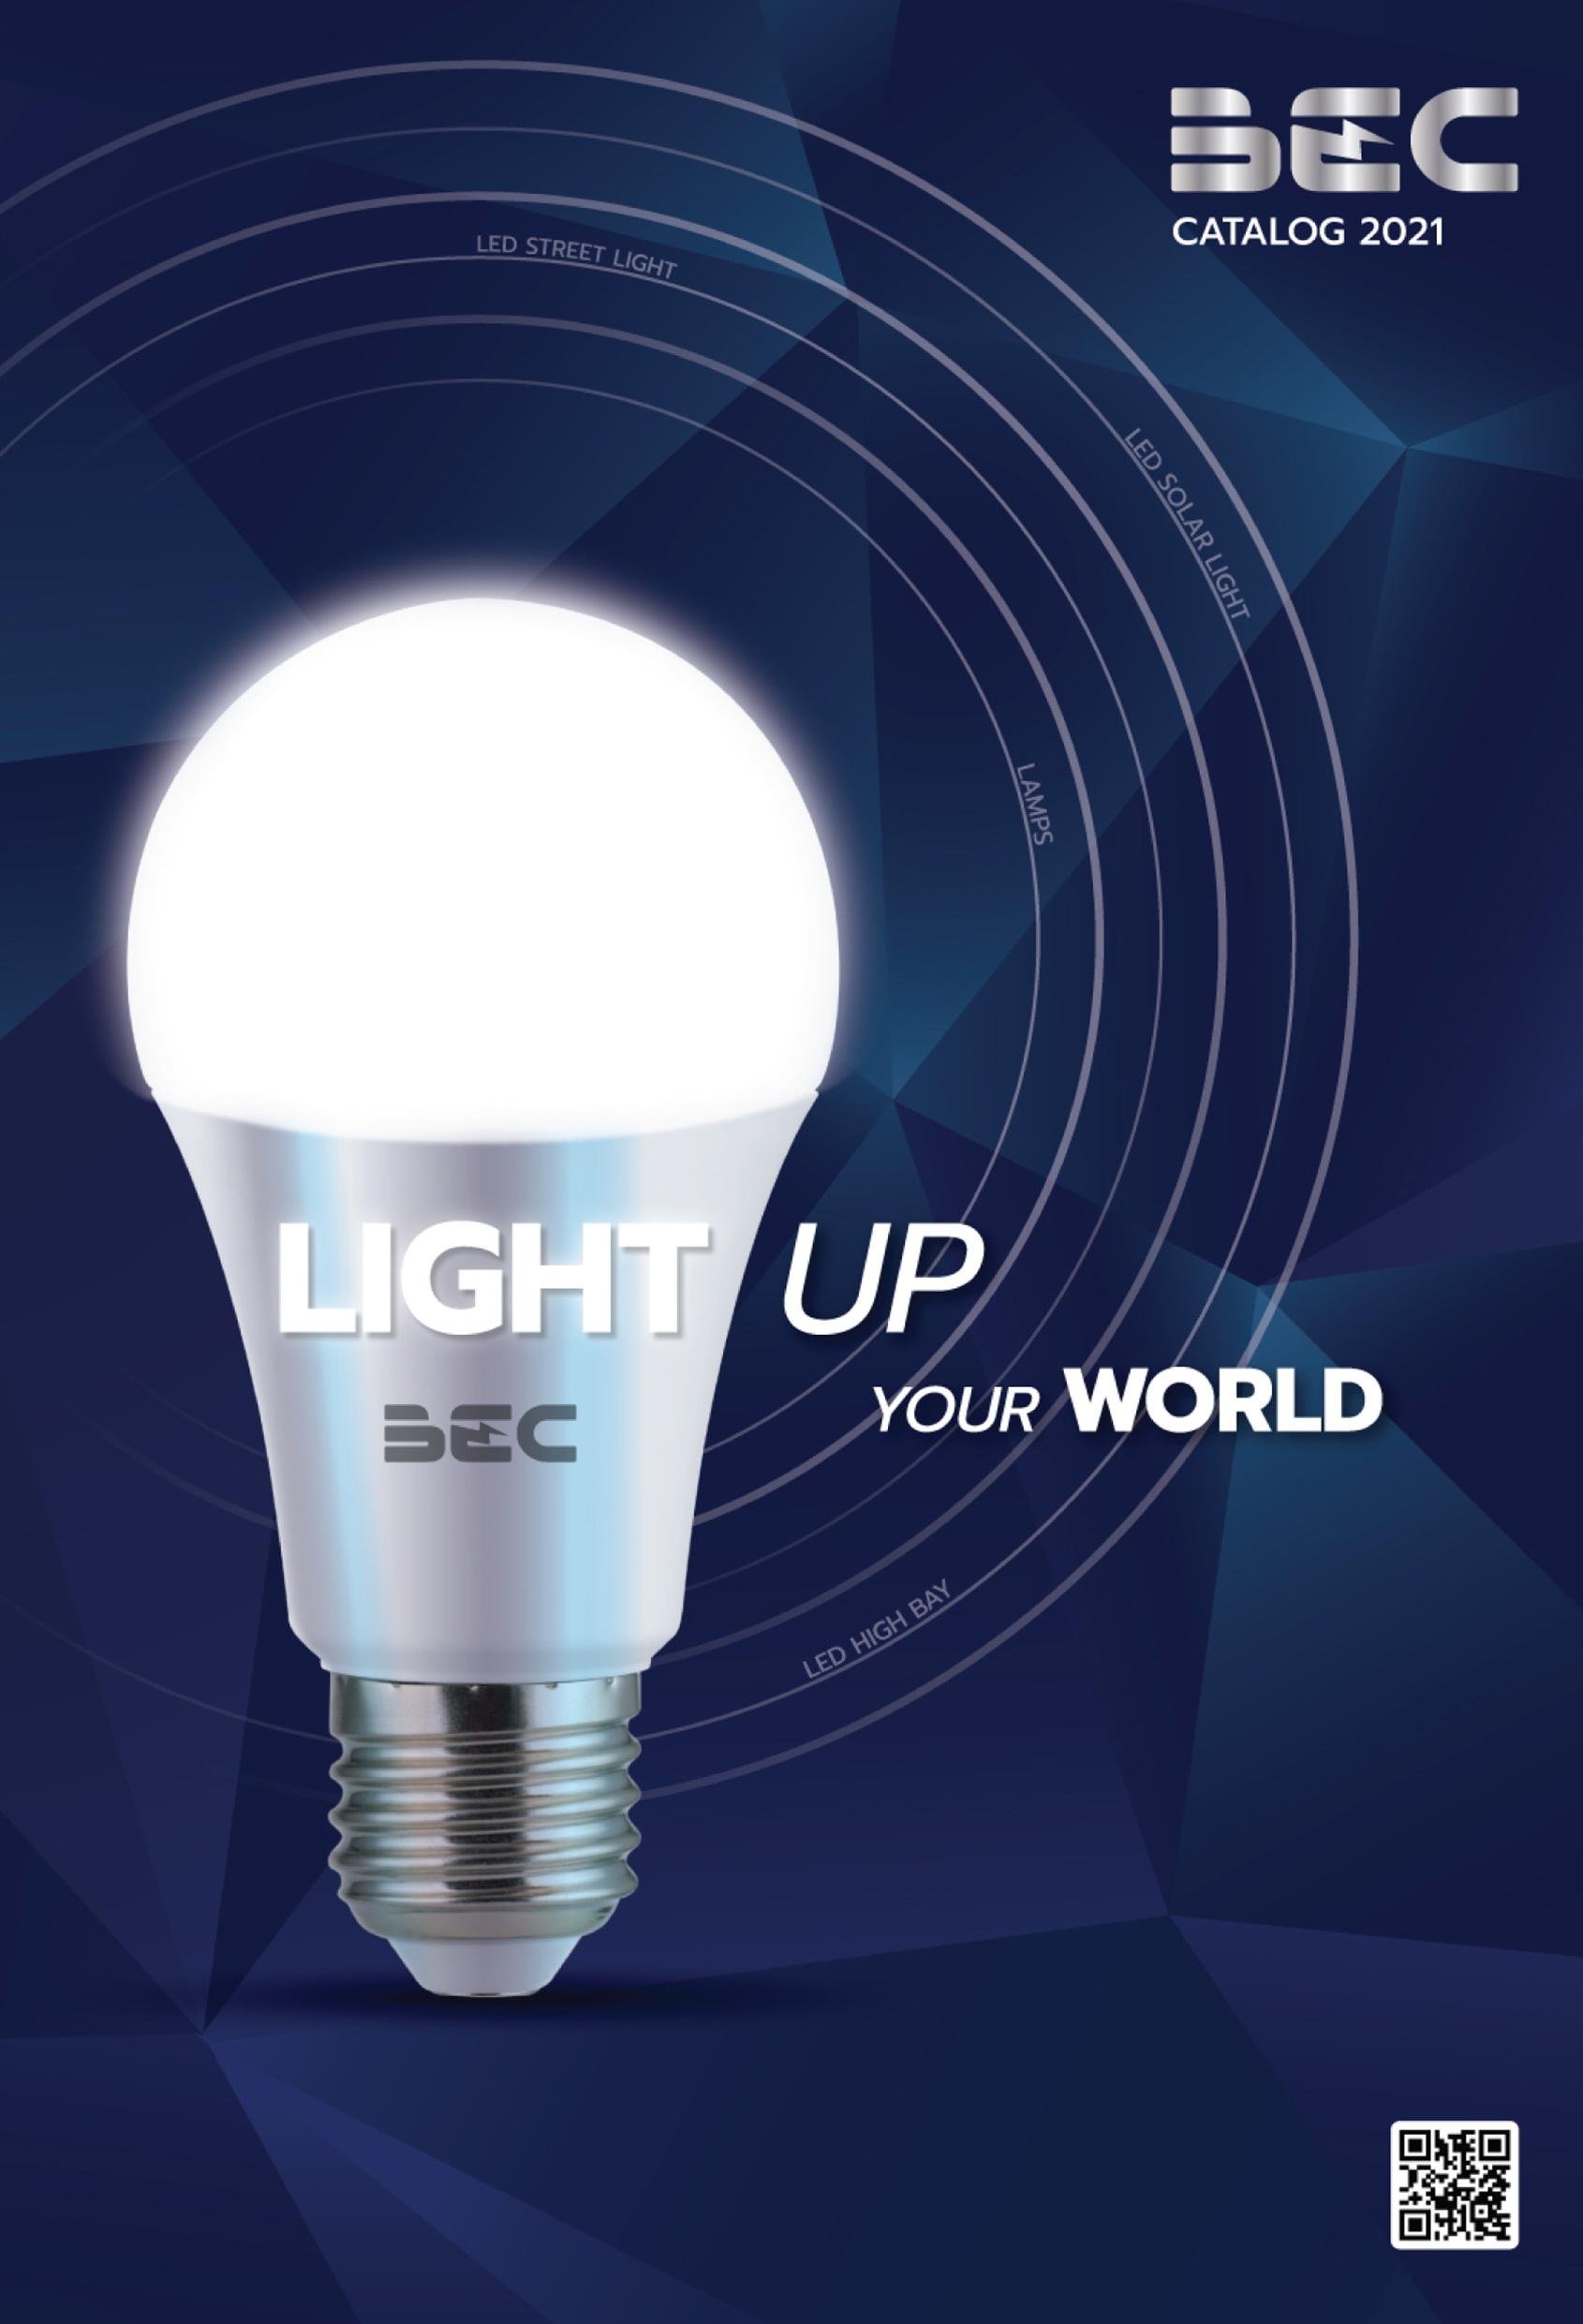 รวมโคมไฟ หลอดไฟ LED ทุกแบบ ทุกการใช้งาน สินค้าแบรนด์ BEC แคตตาล็อค